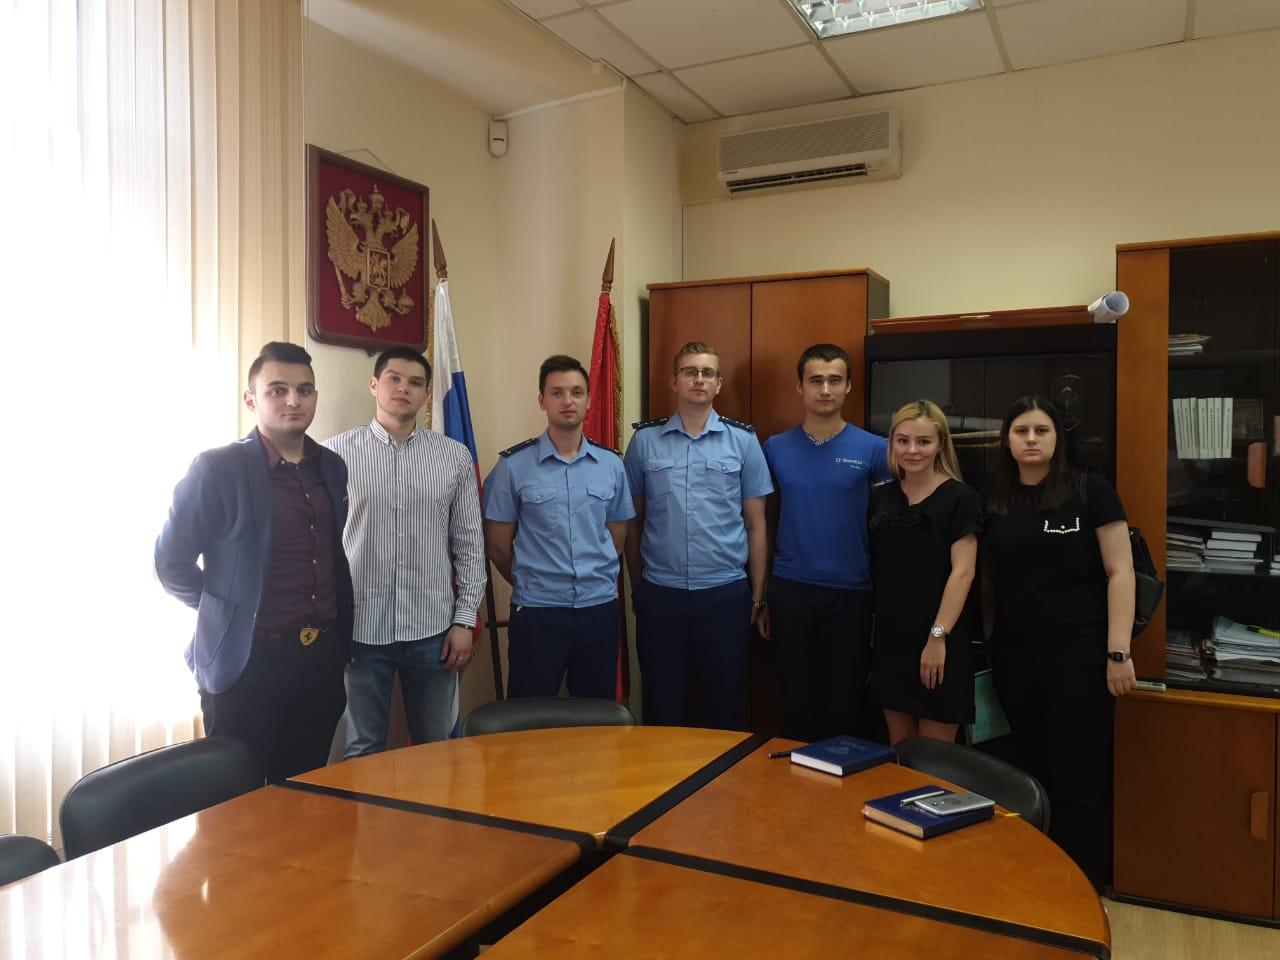 Парламентарии Москворечье-Сабурово обсудили проблемы современной молодежи